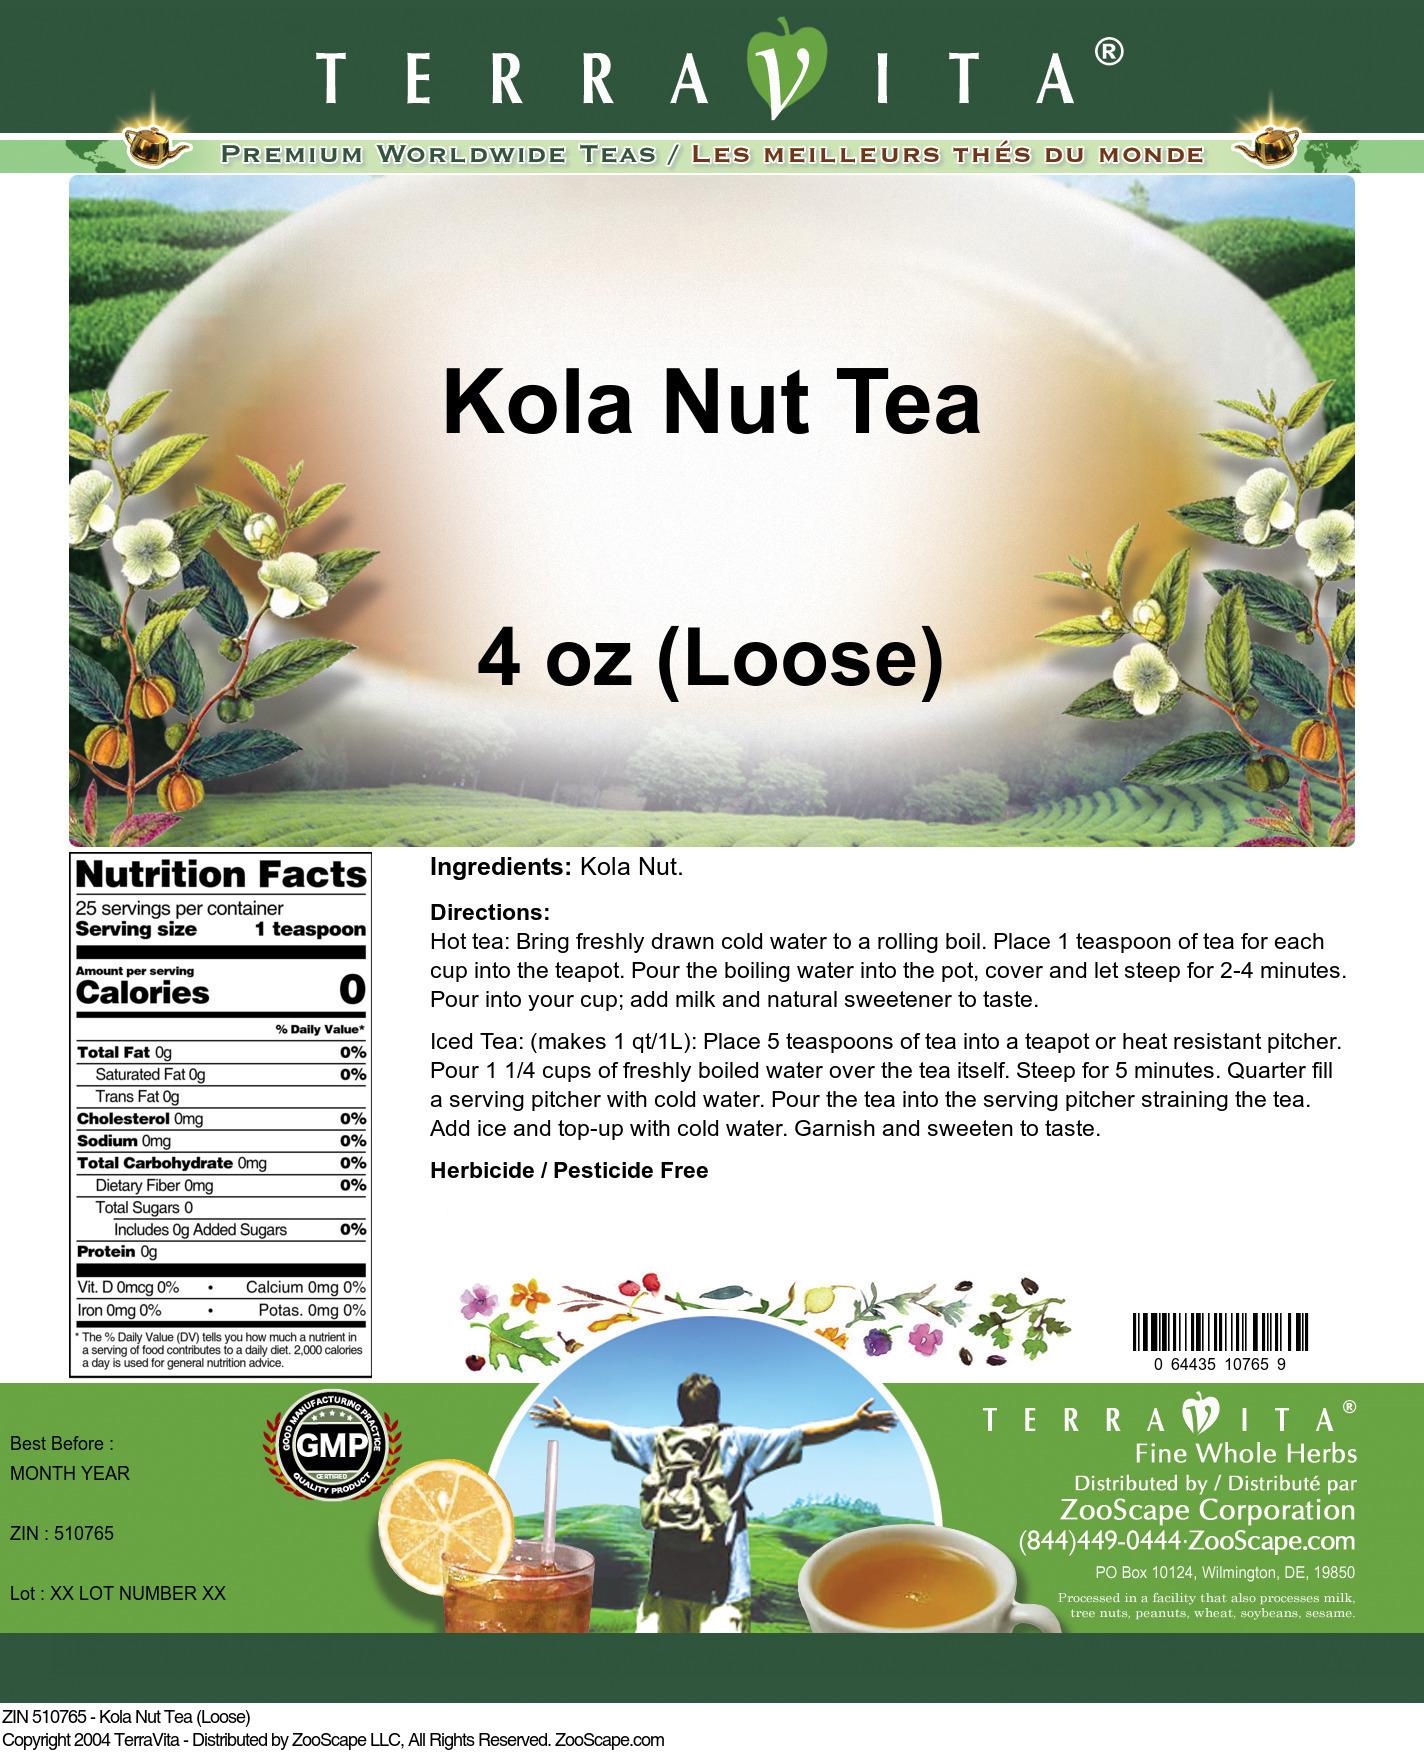 Kola Nut Tea (Loose)